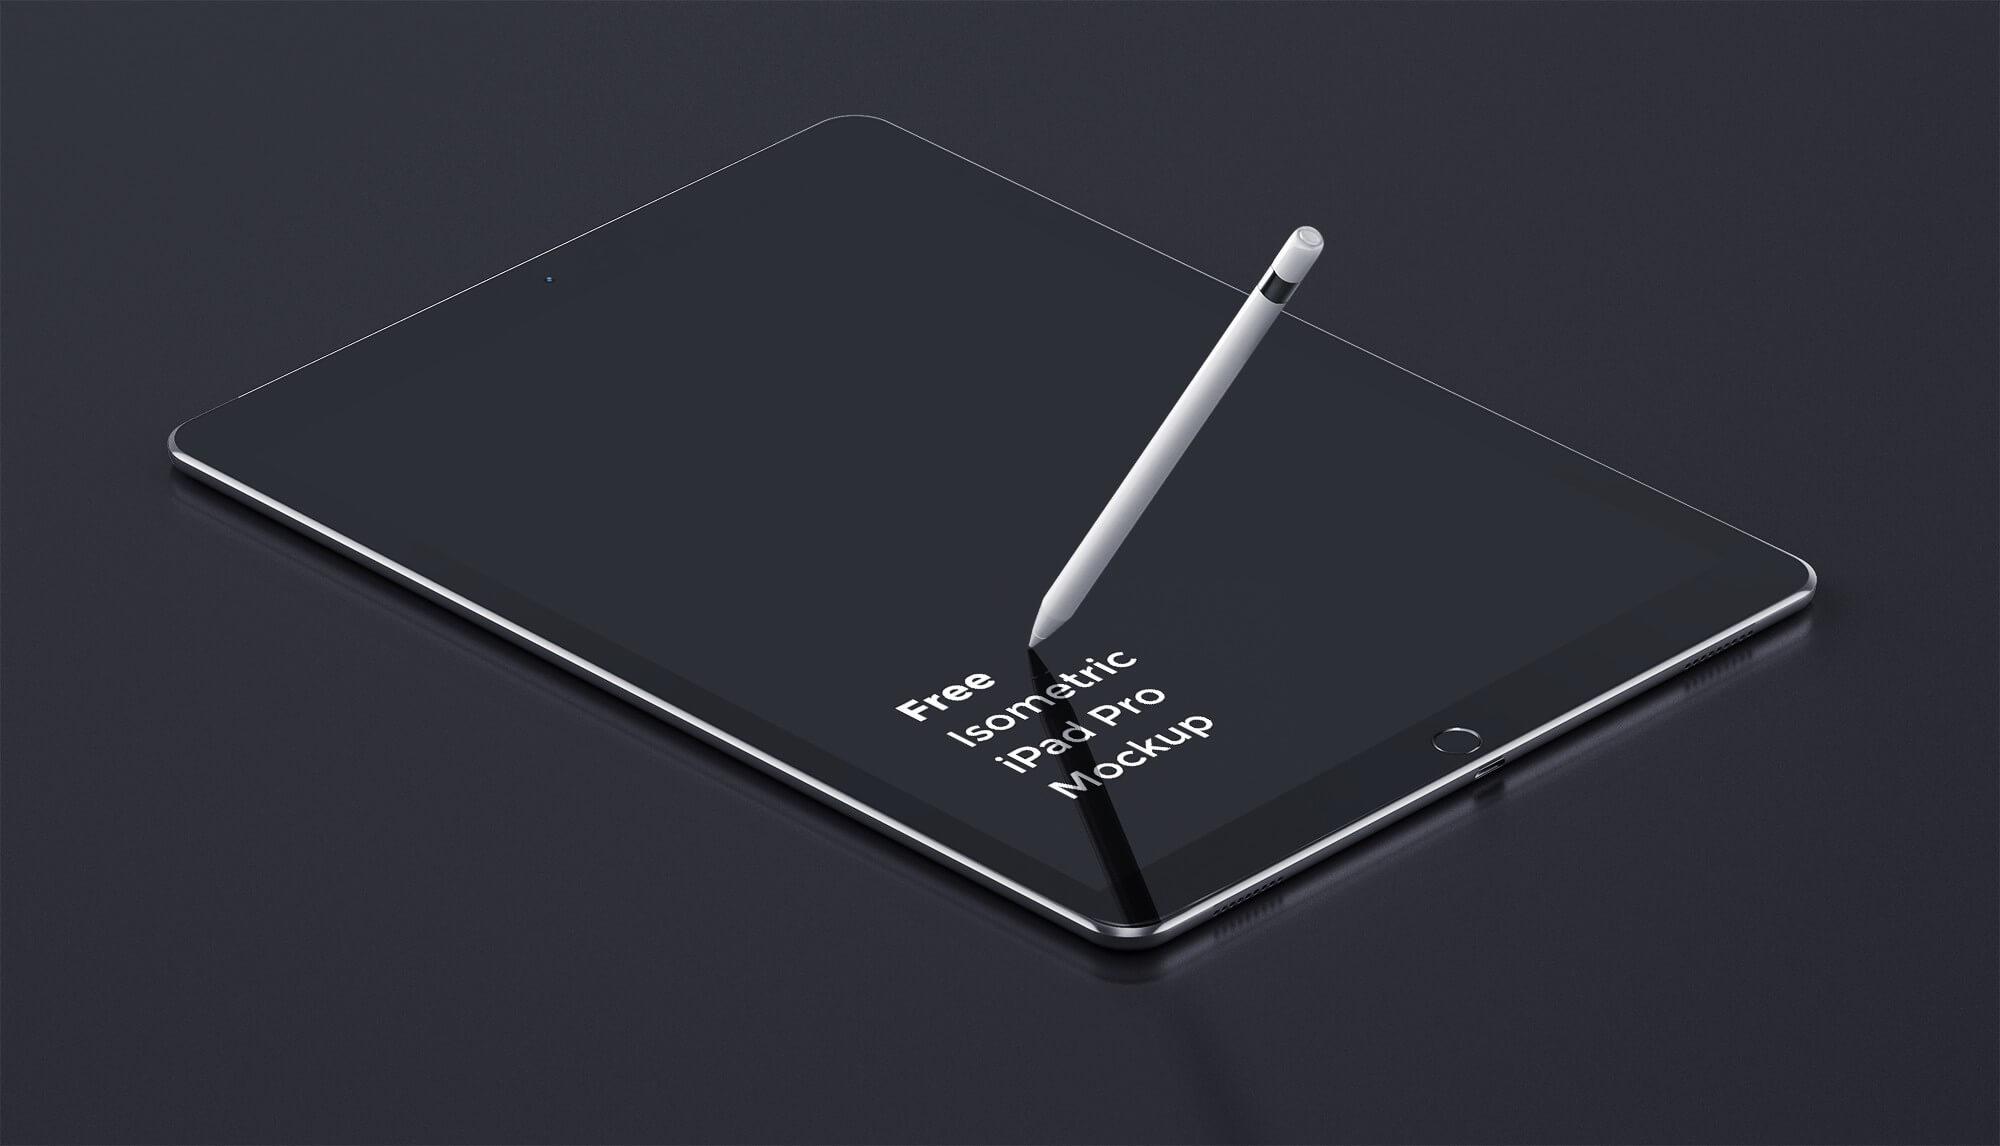 New iPad Pro Mockup PSD